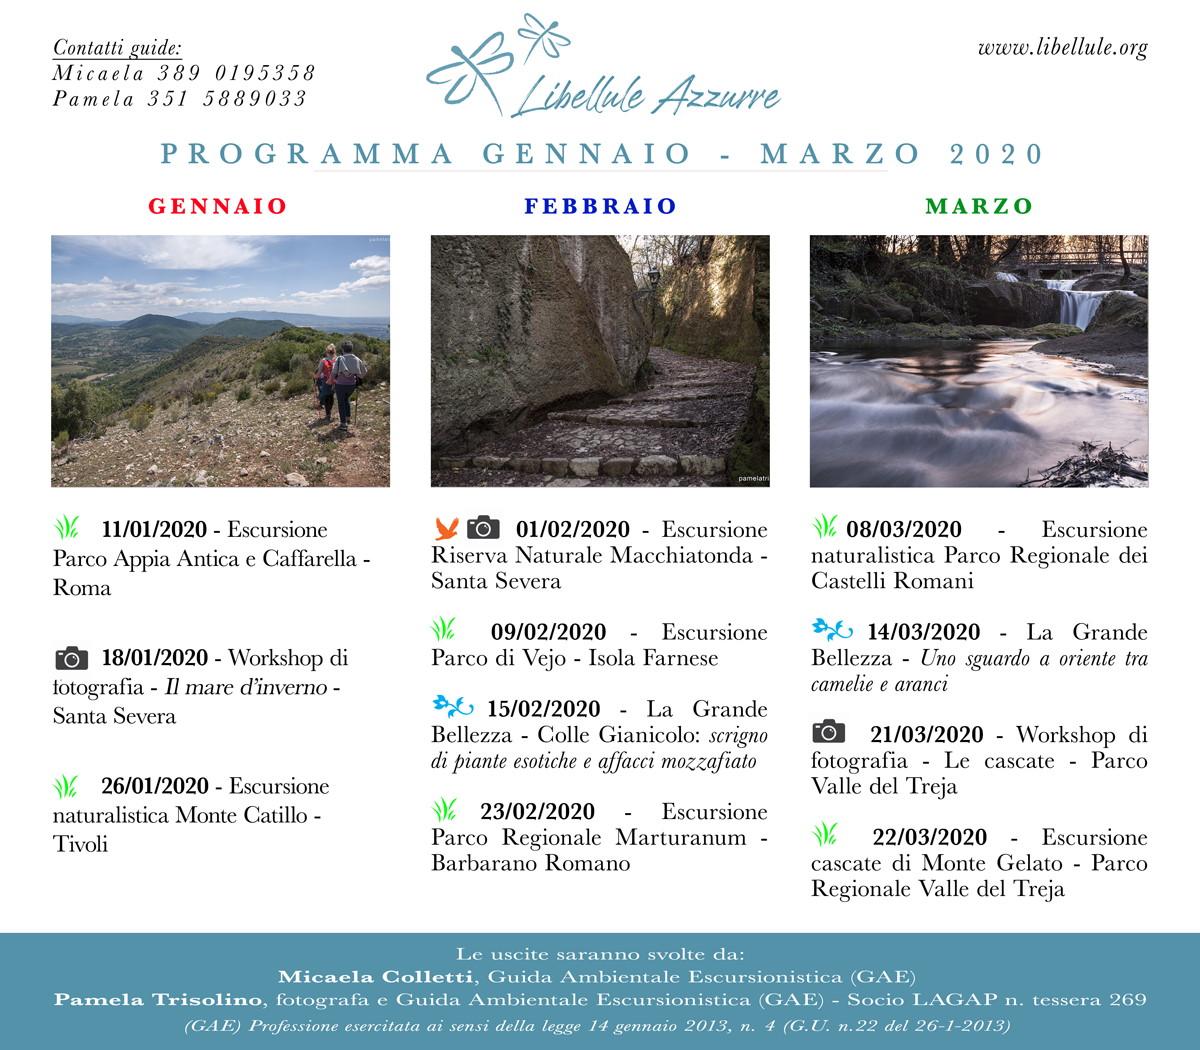 programma escursioni nel Lazio da Gennaio a Marzo 2020